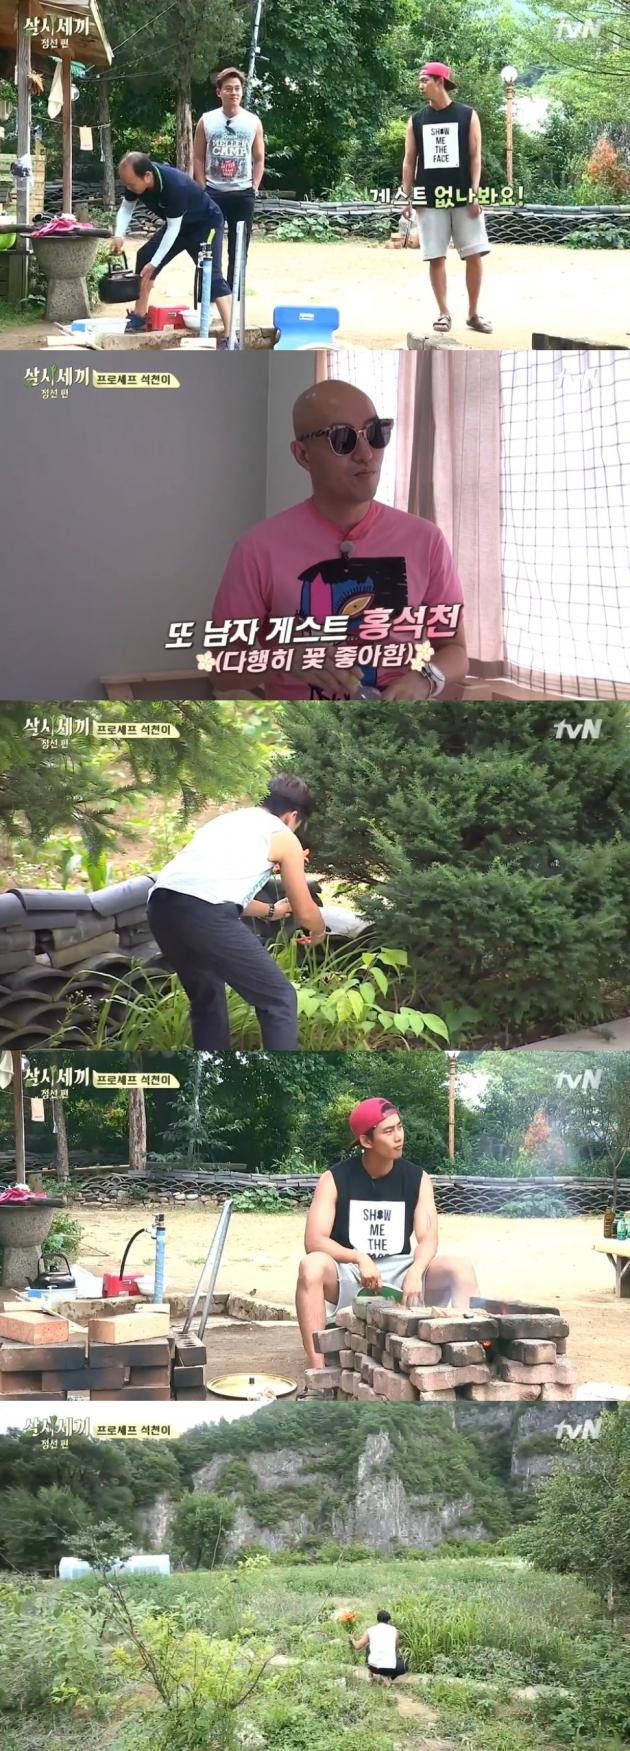 ?삼시세끼 홍석천 / ?삼시세끼 홍석천 사진=tvN 방송 캡처